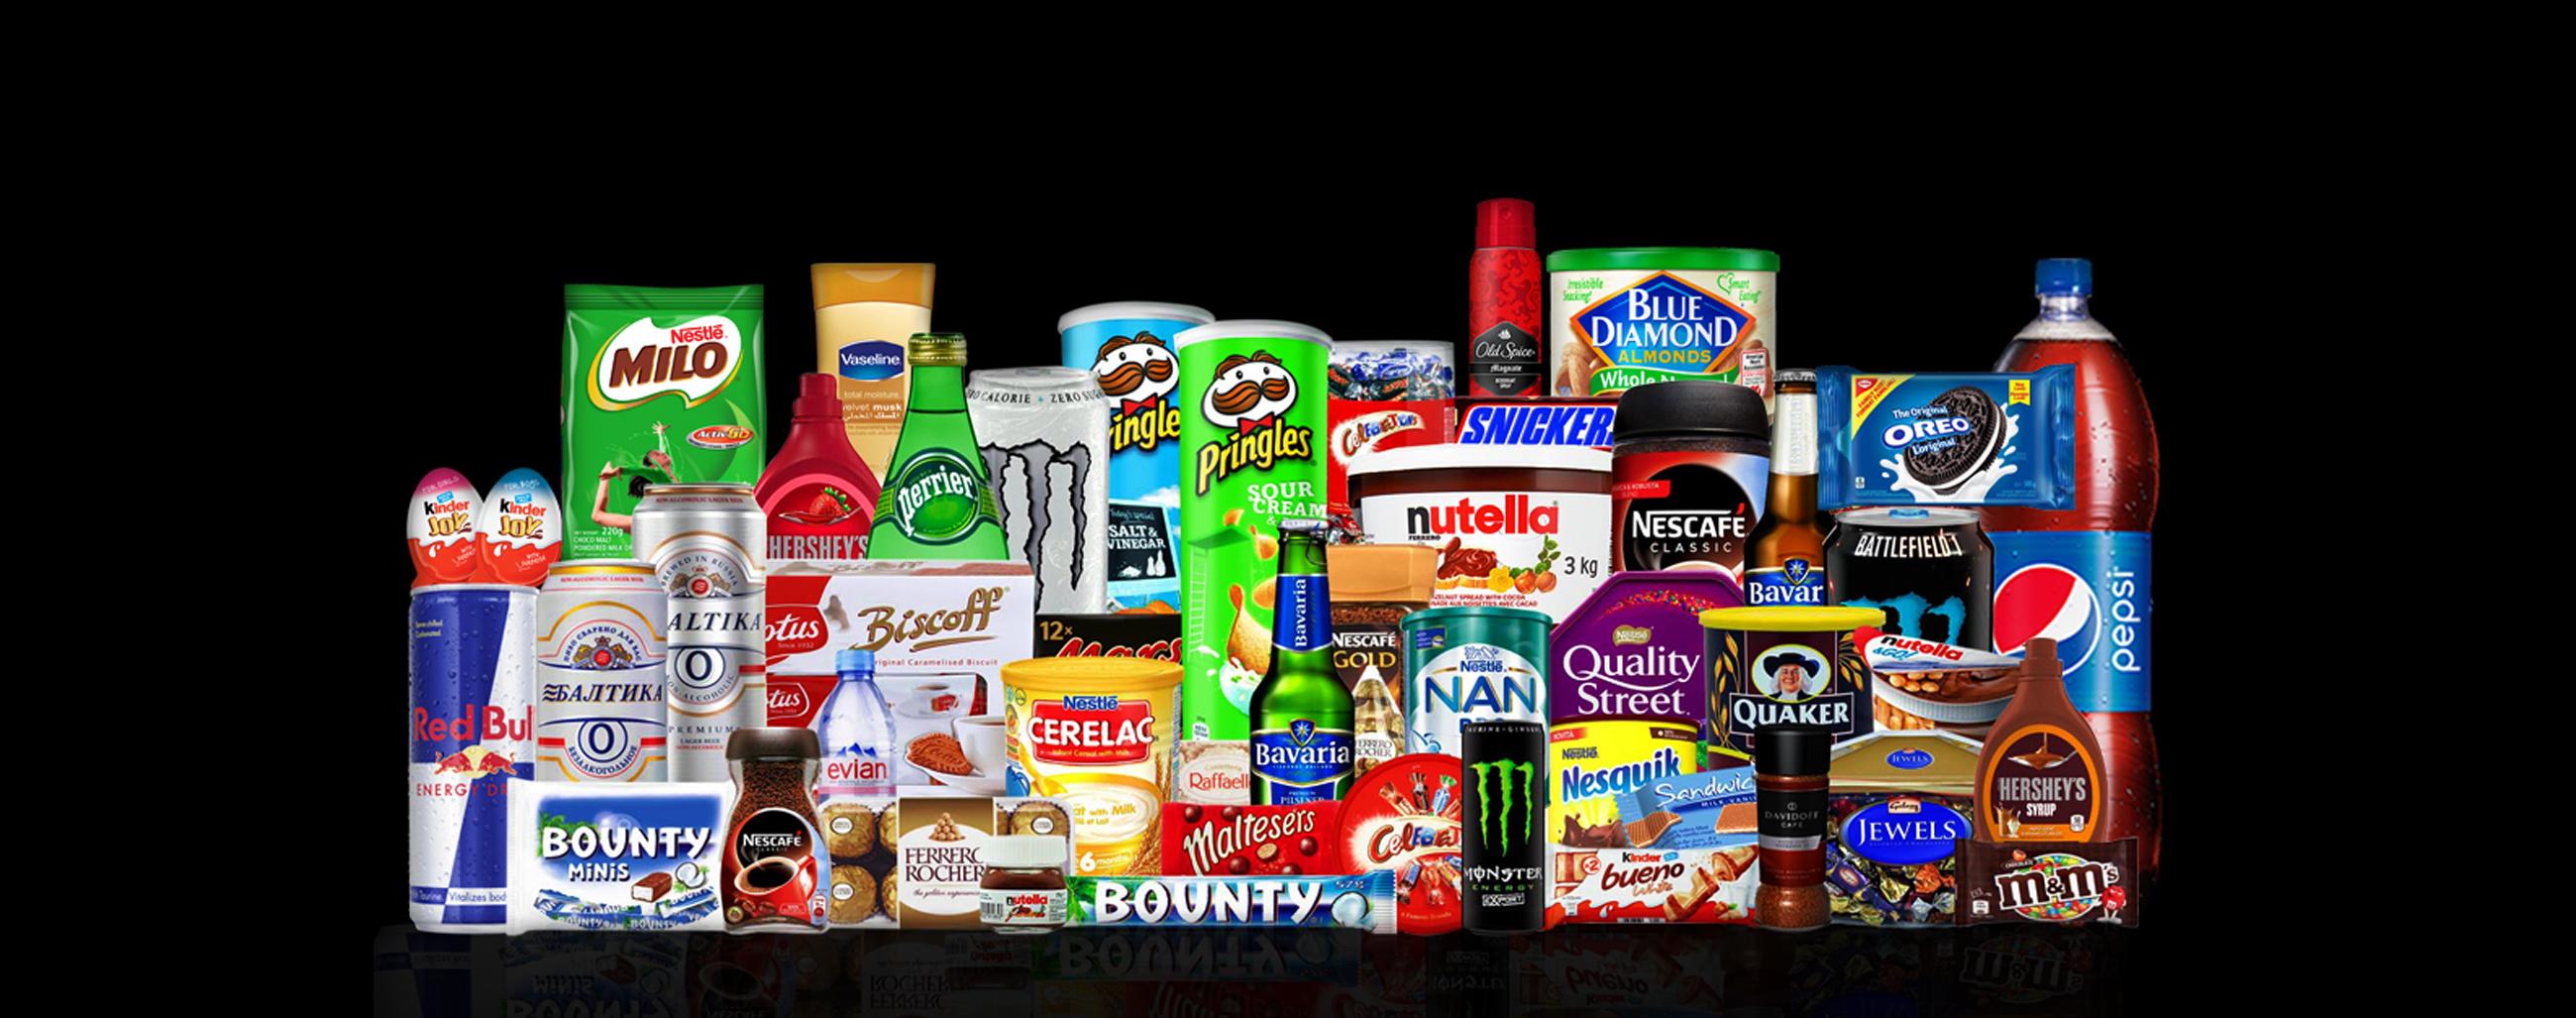 Food & Beverage Distributors in Dubai